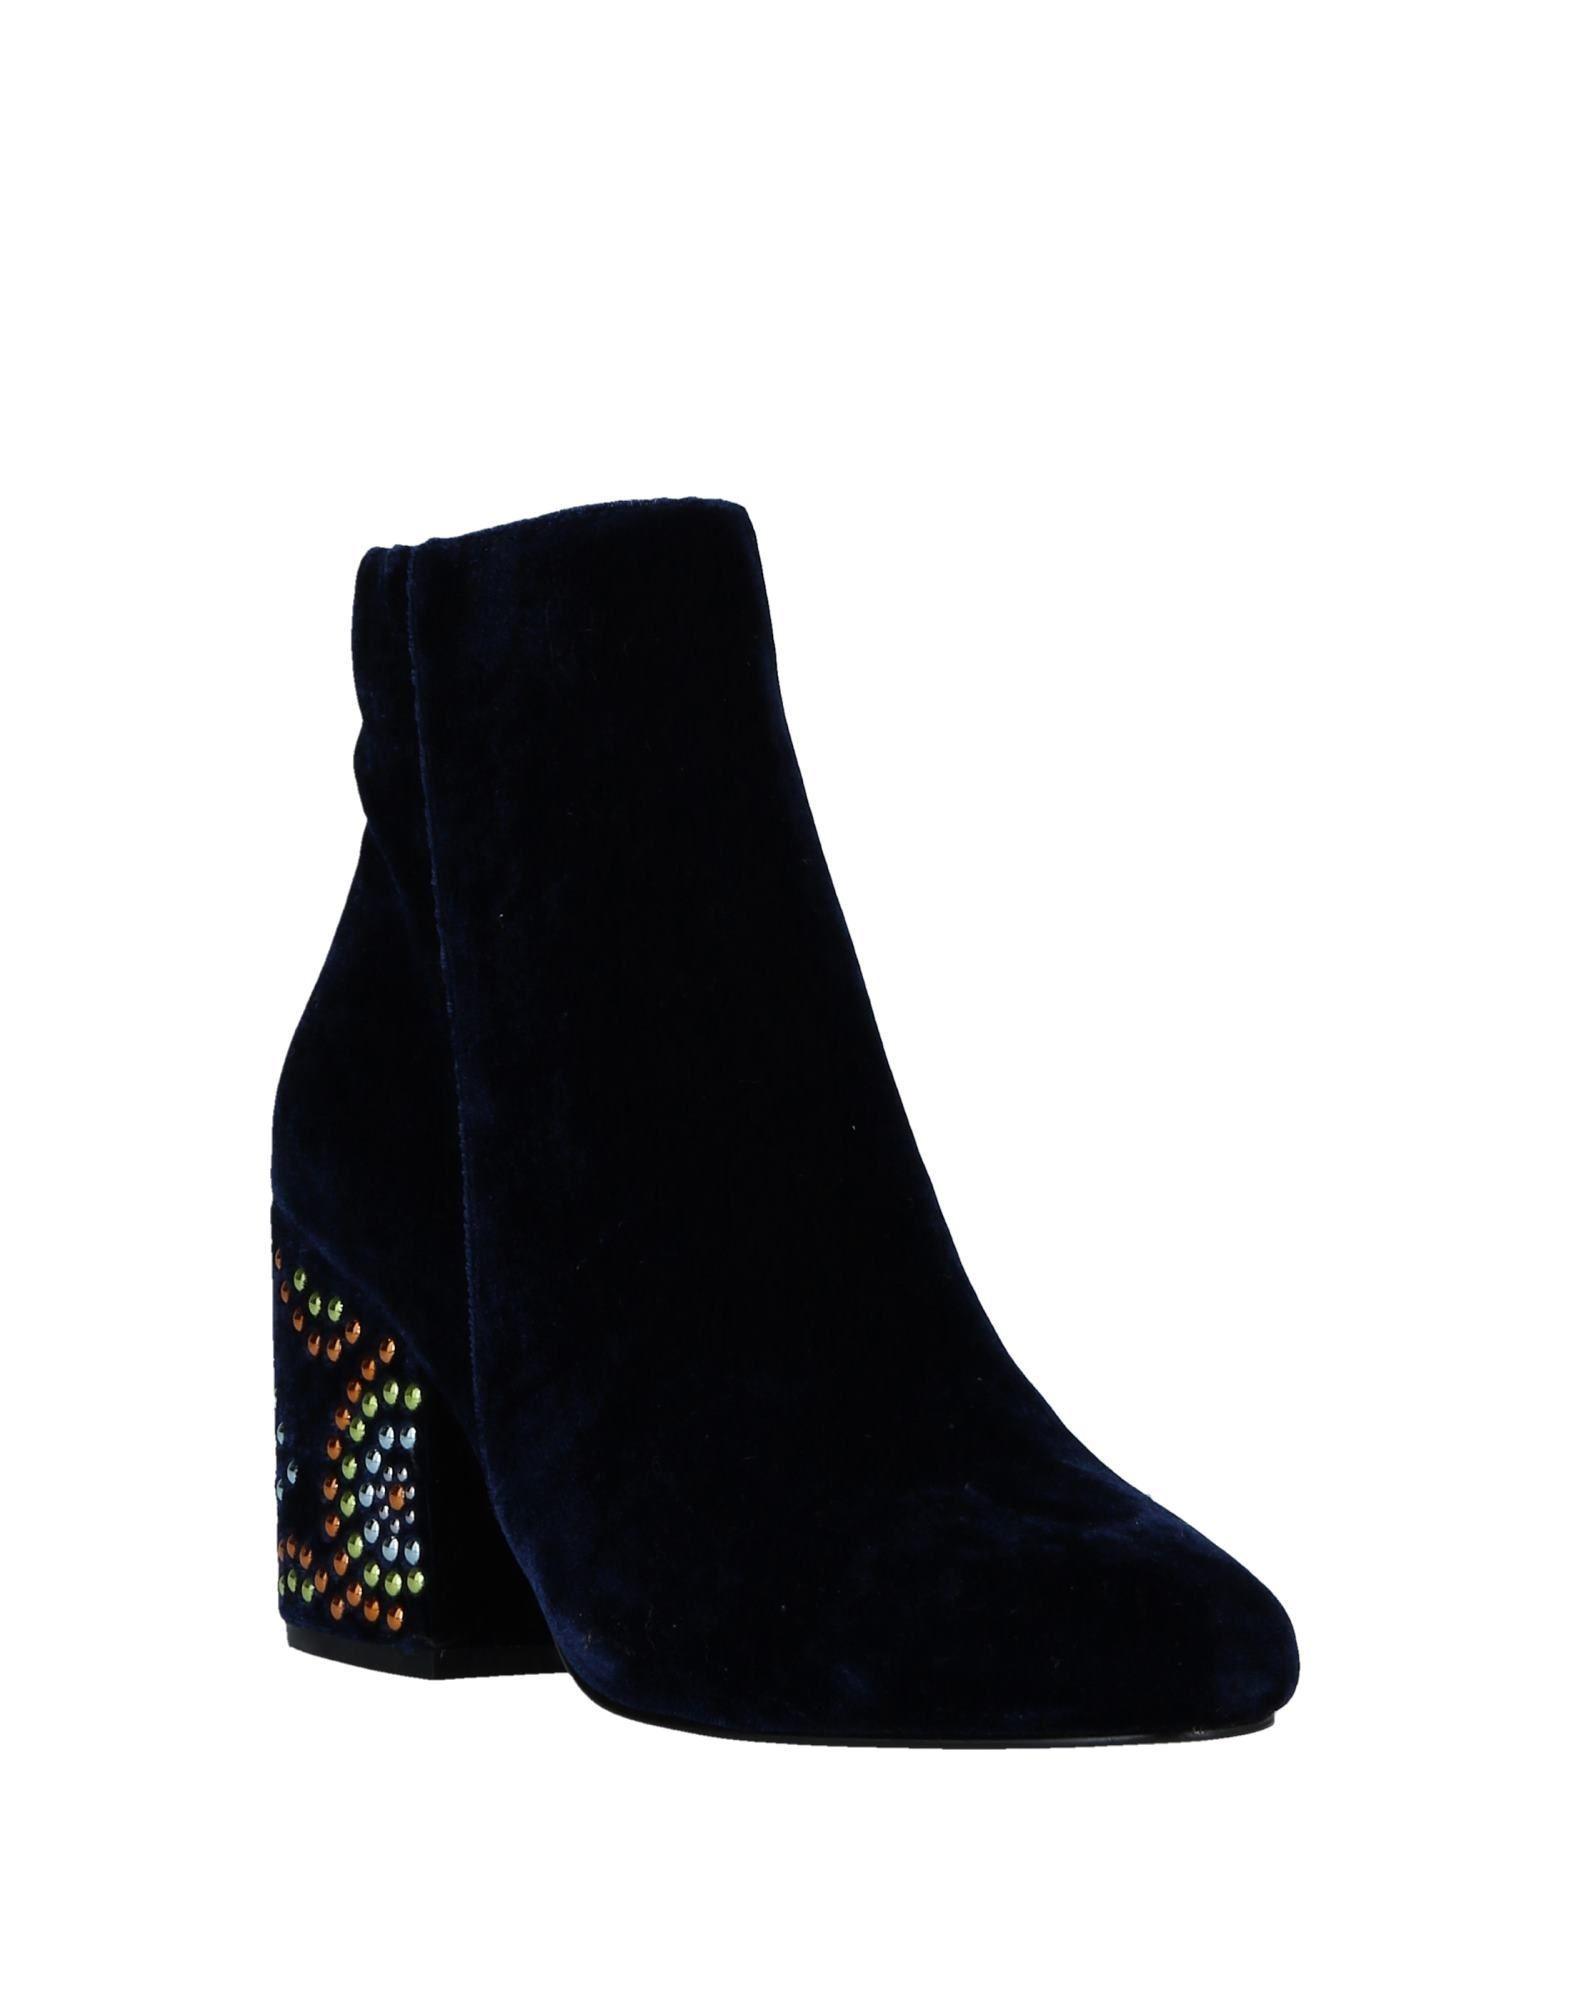 CafeNoir Velvet Ankle Boots in Dark Blue (Blue)